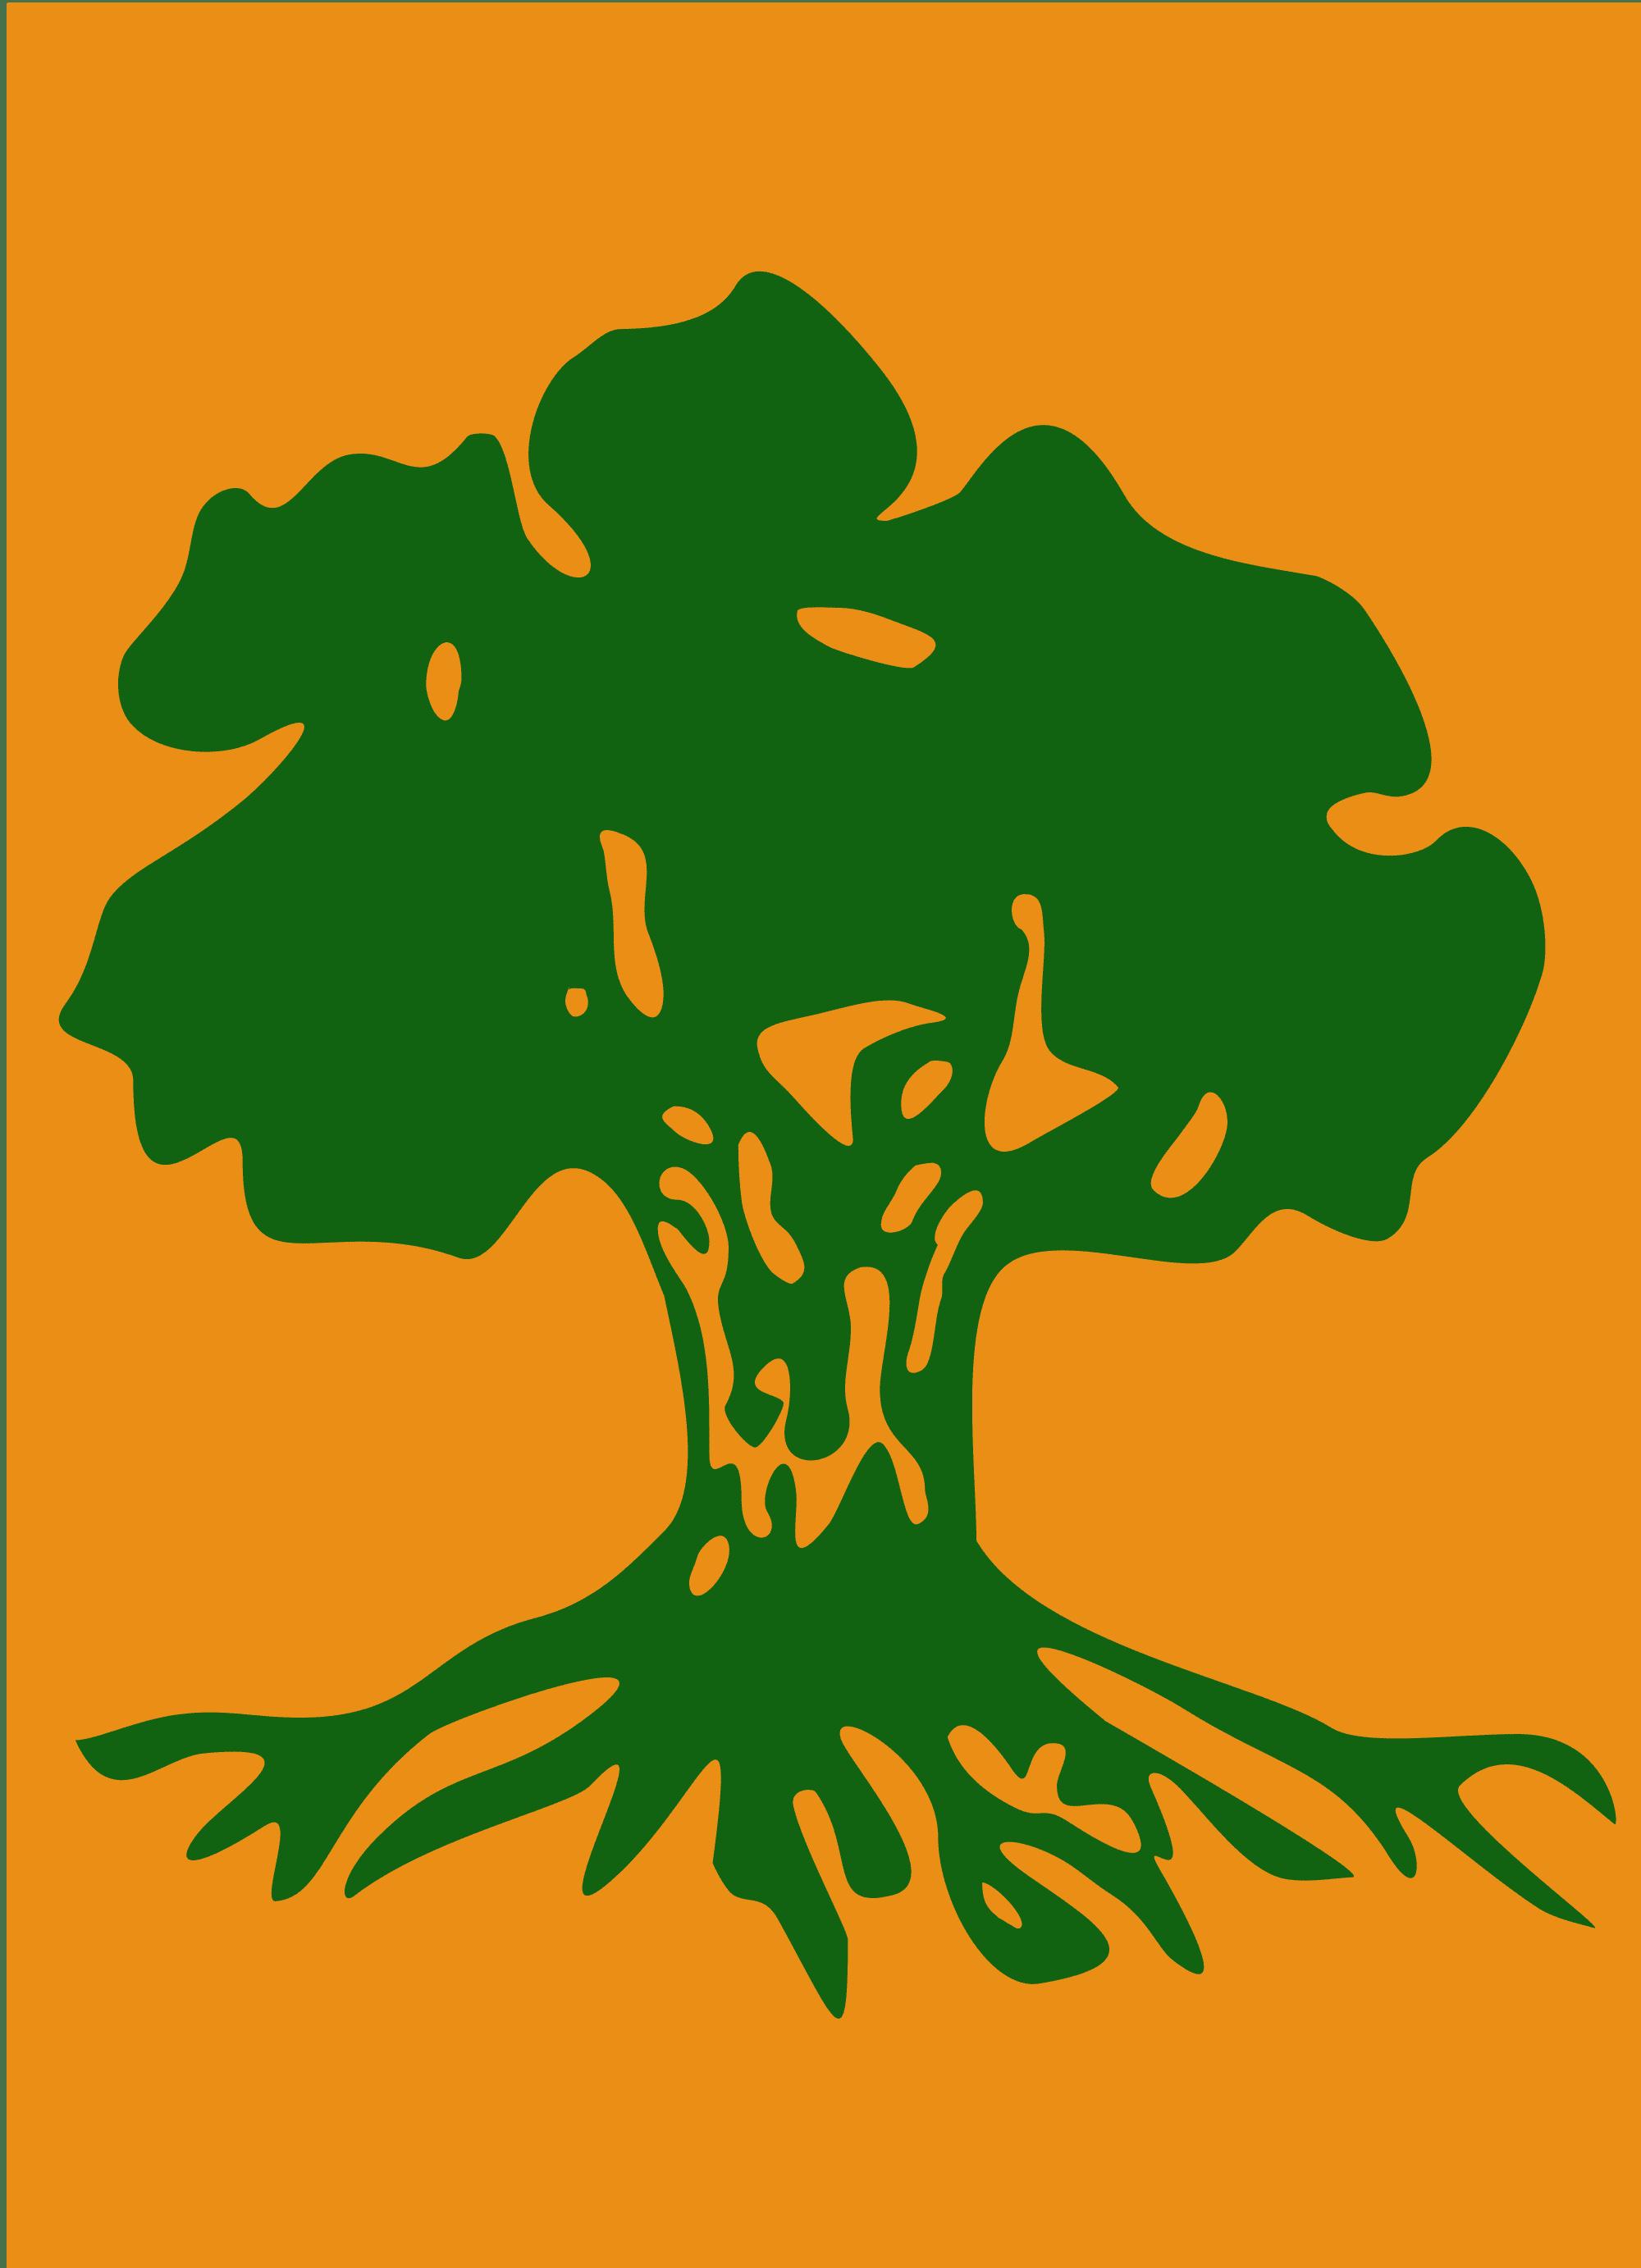 GolaniTag